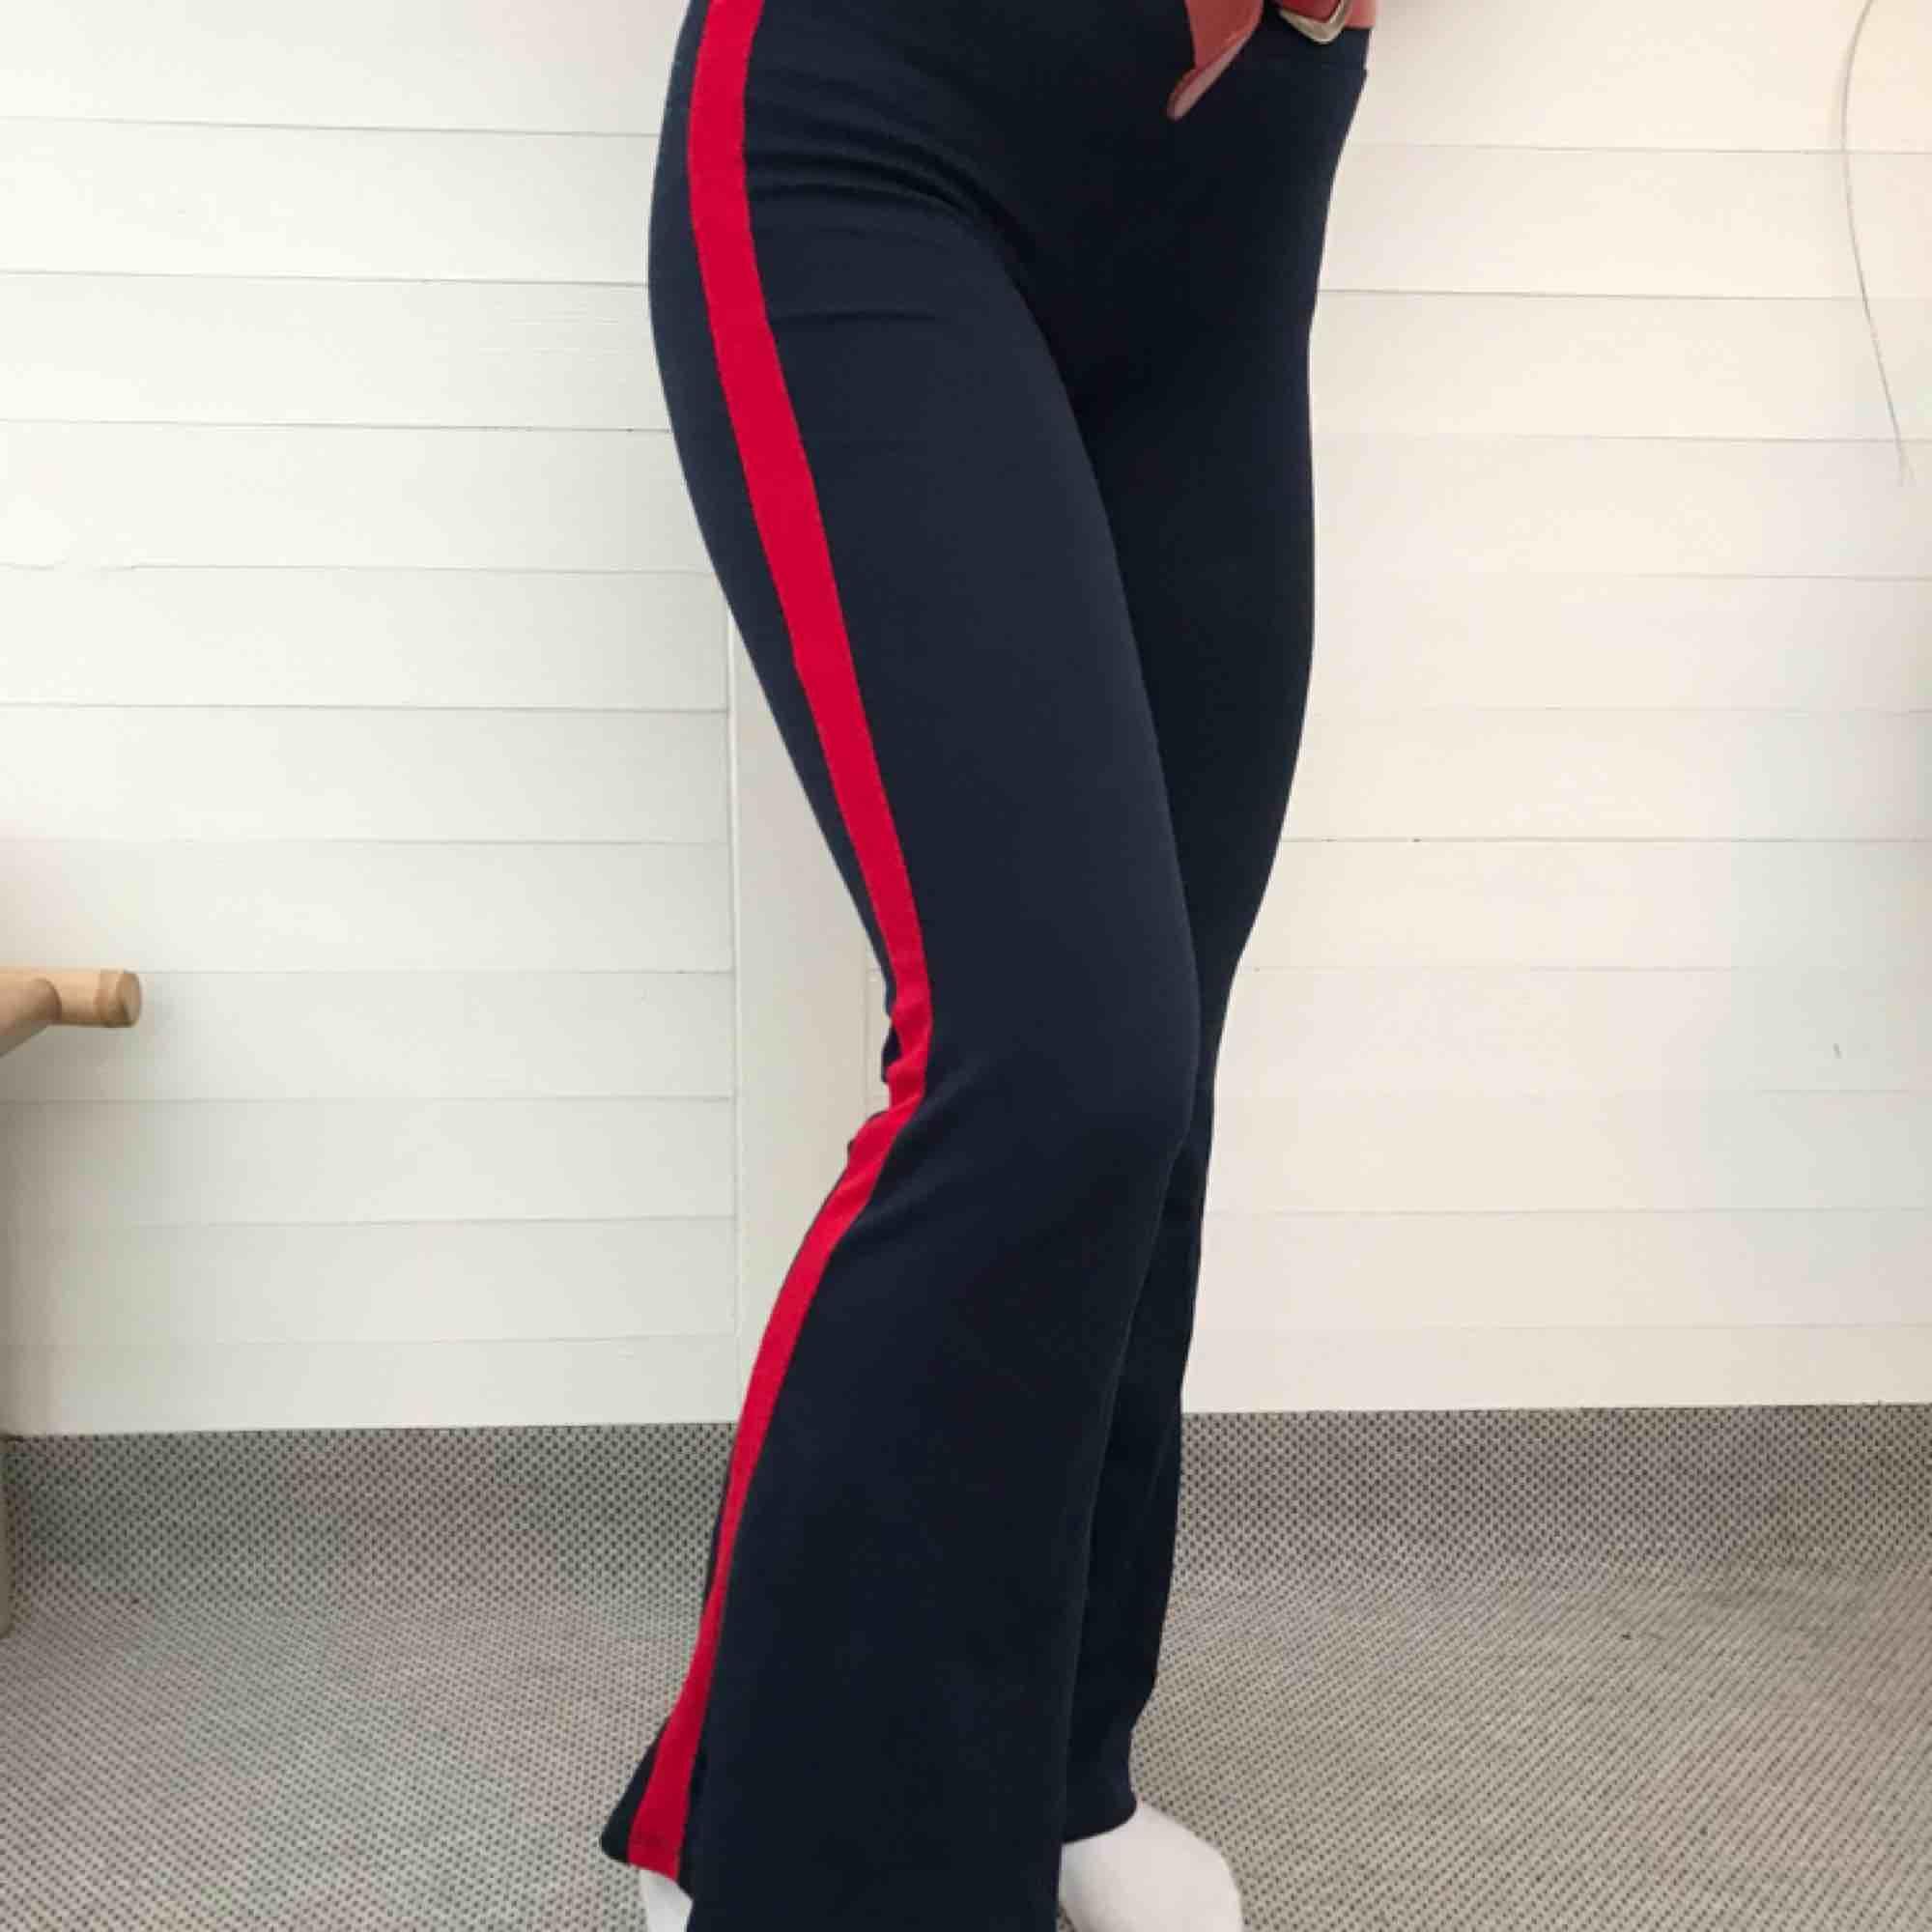 Töjbara byxor med revär från Gina Tricot. Sitter bra men säljer pga är  något korta ... 69707b6844288